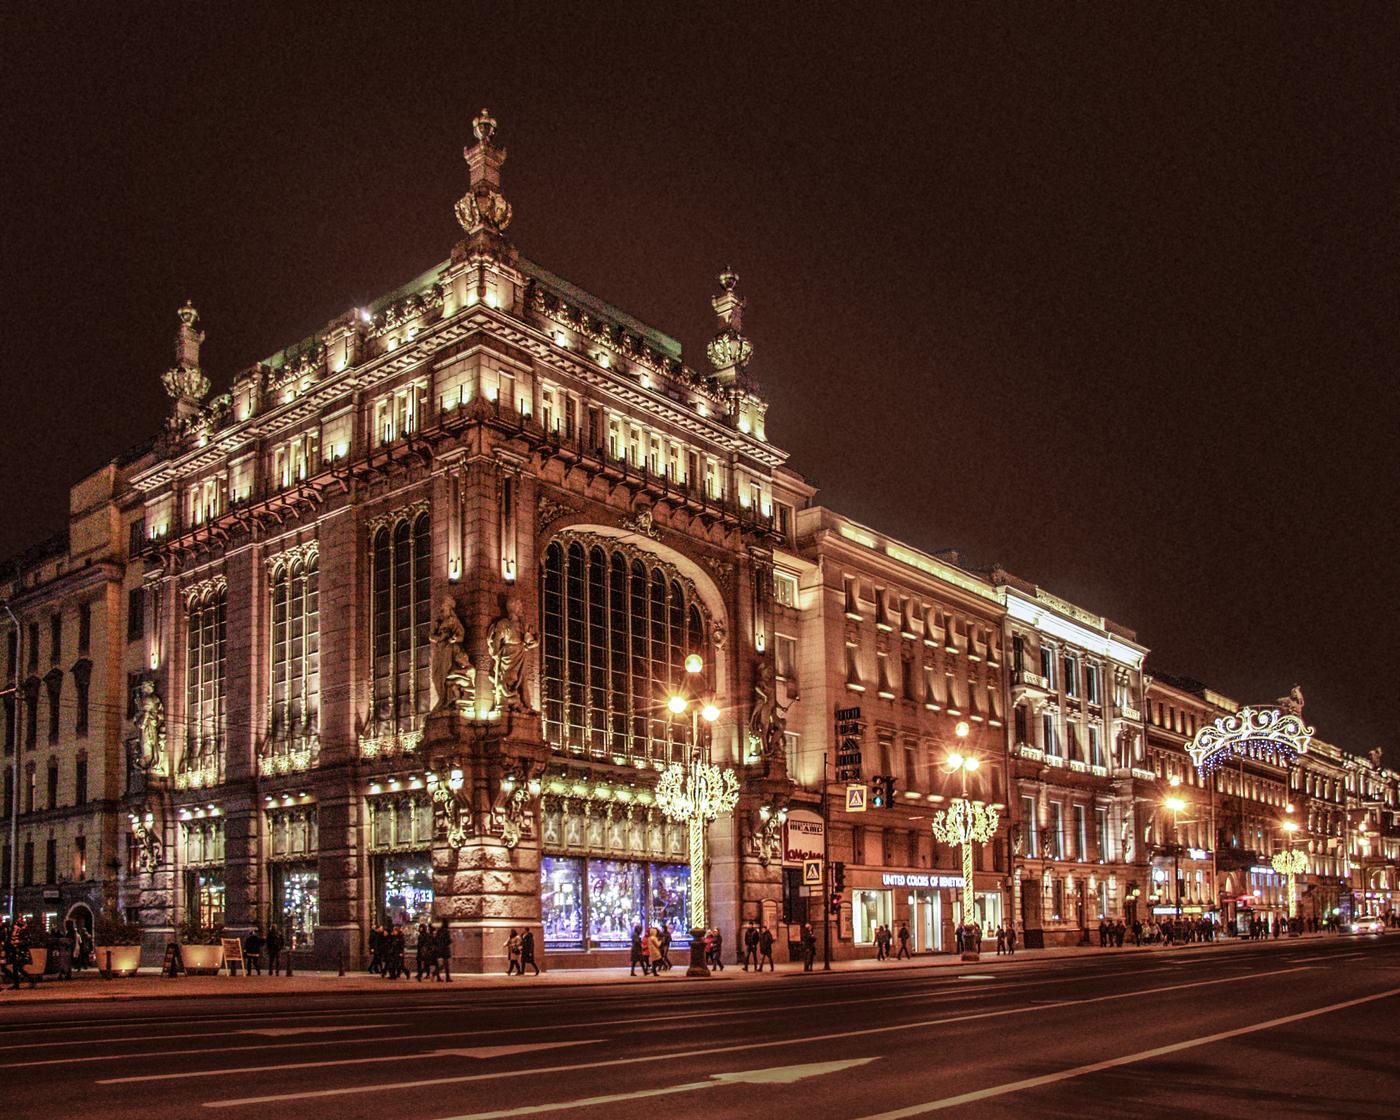 Елисеевский магазин в Санкт Петербурге. Фото